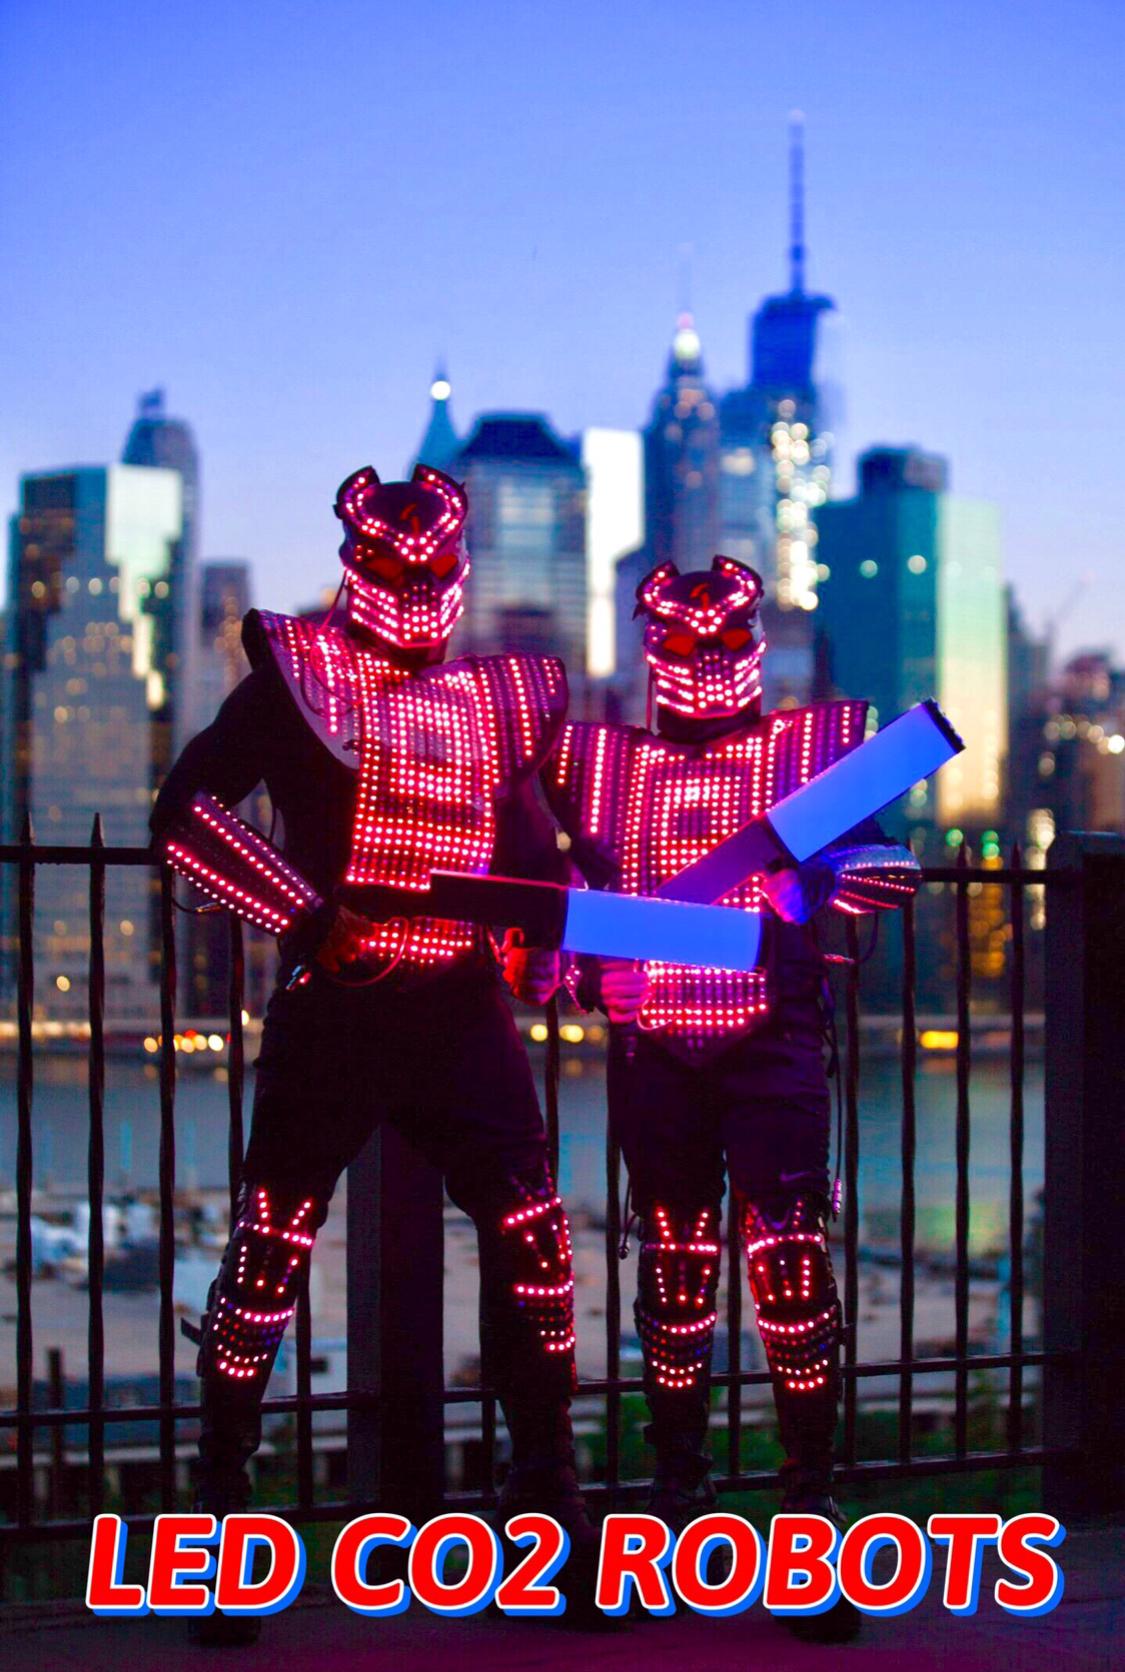 led-co2-roboo-ny.jpg